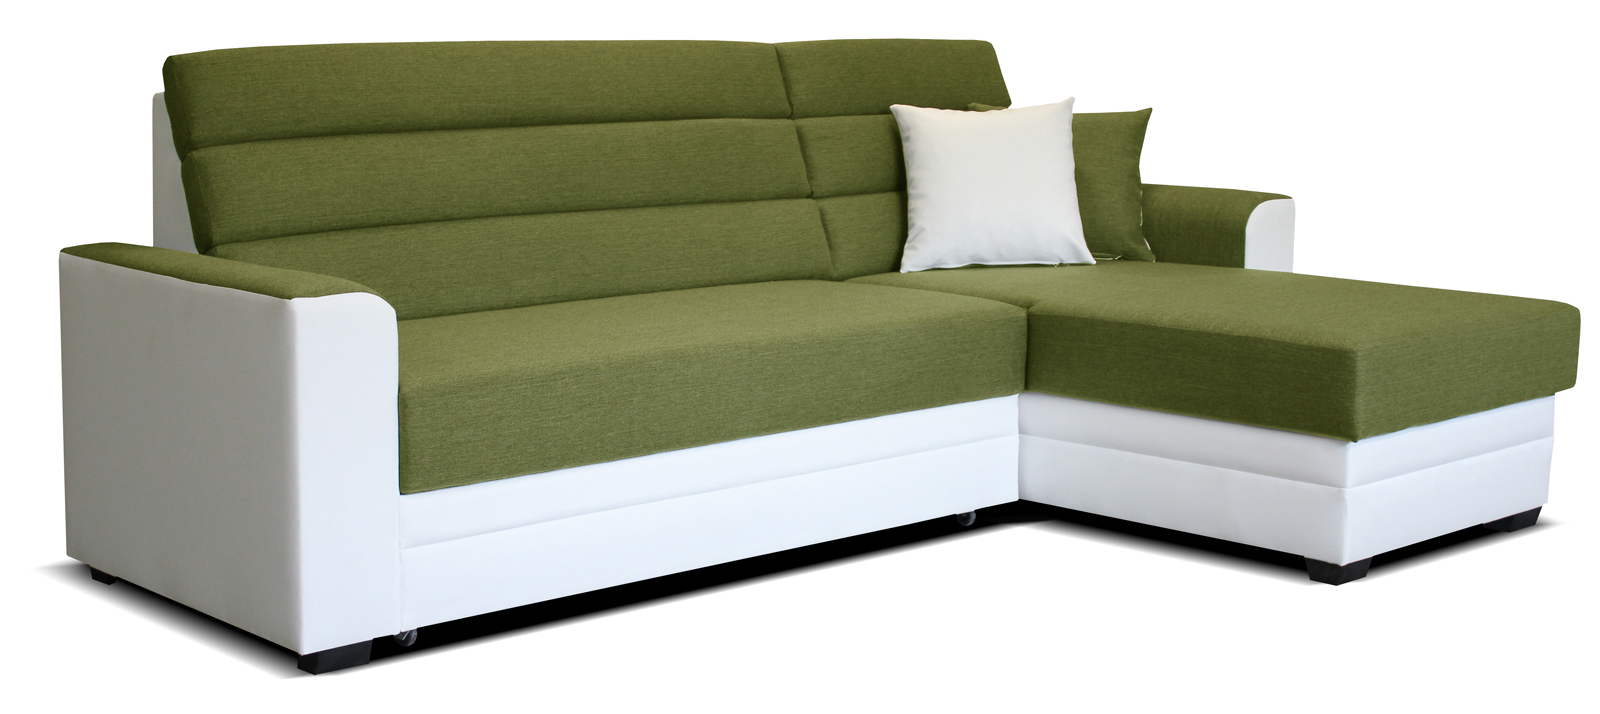 Rohová sedací souprava - Po-Sed - Ulm 2F+L (zelená + bílá) (P)